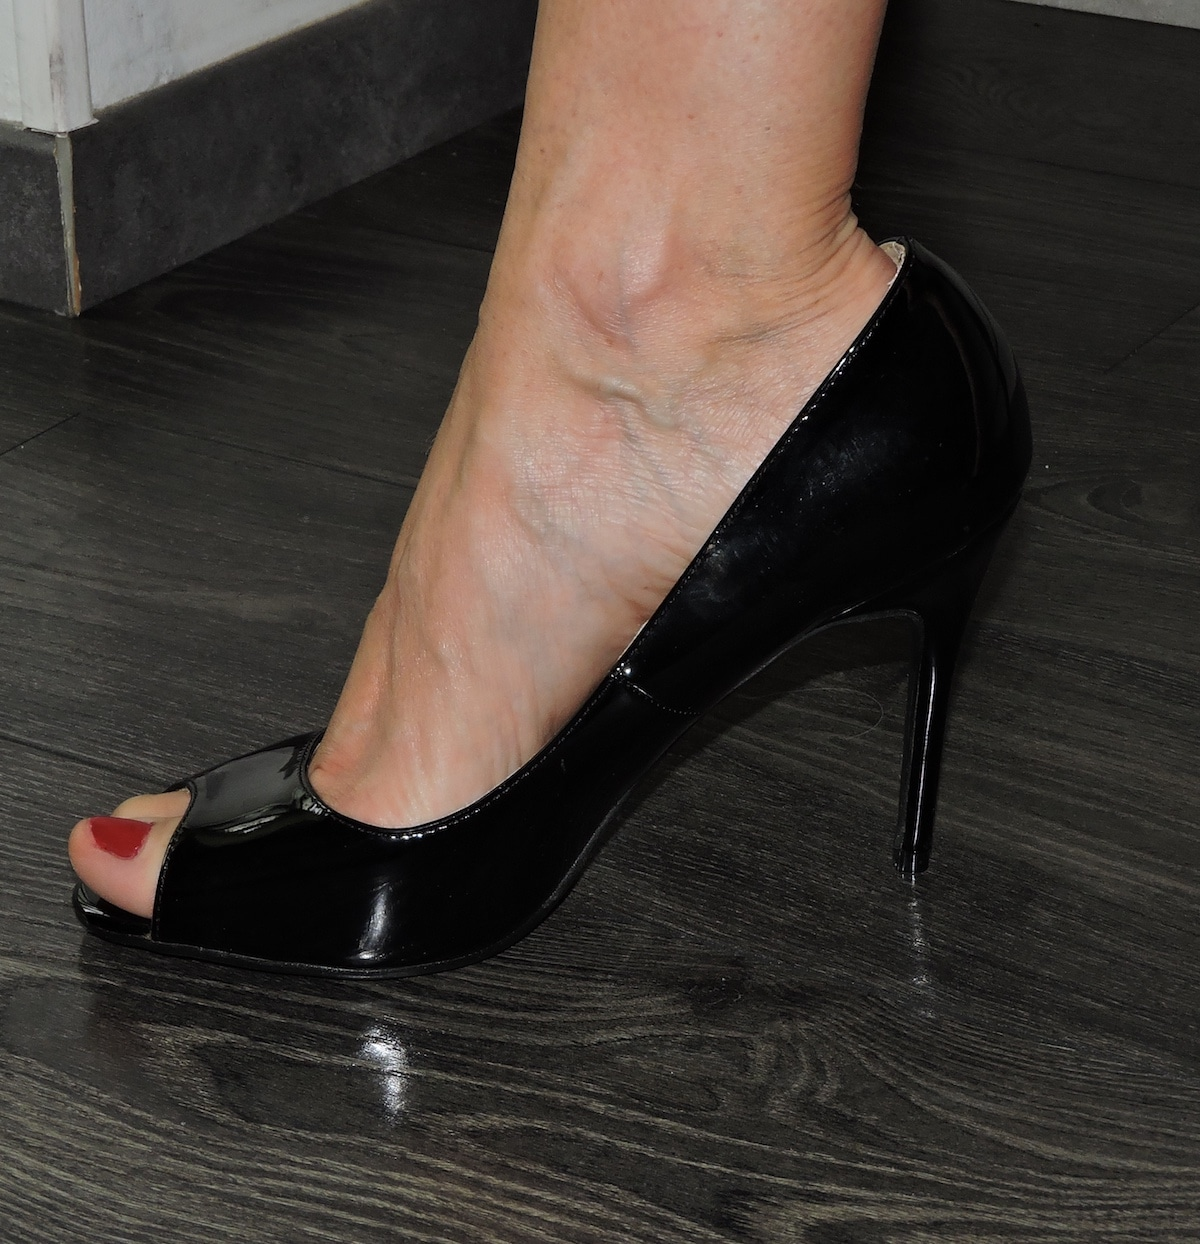 le fetichisme des pieds